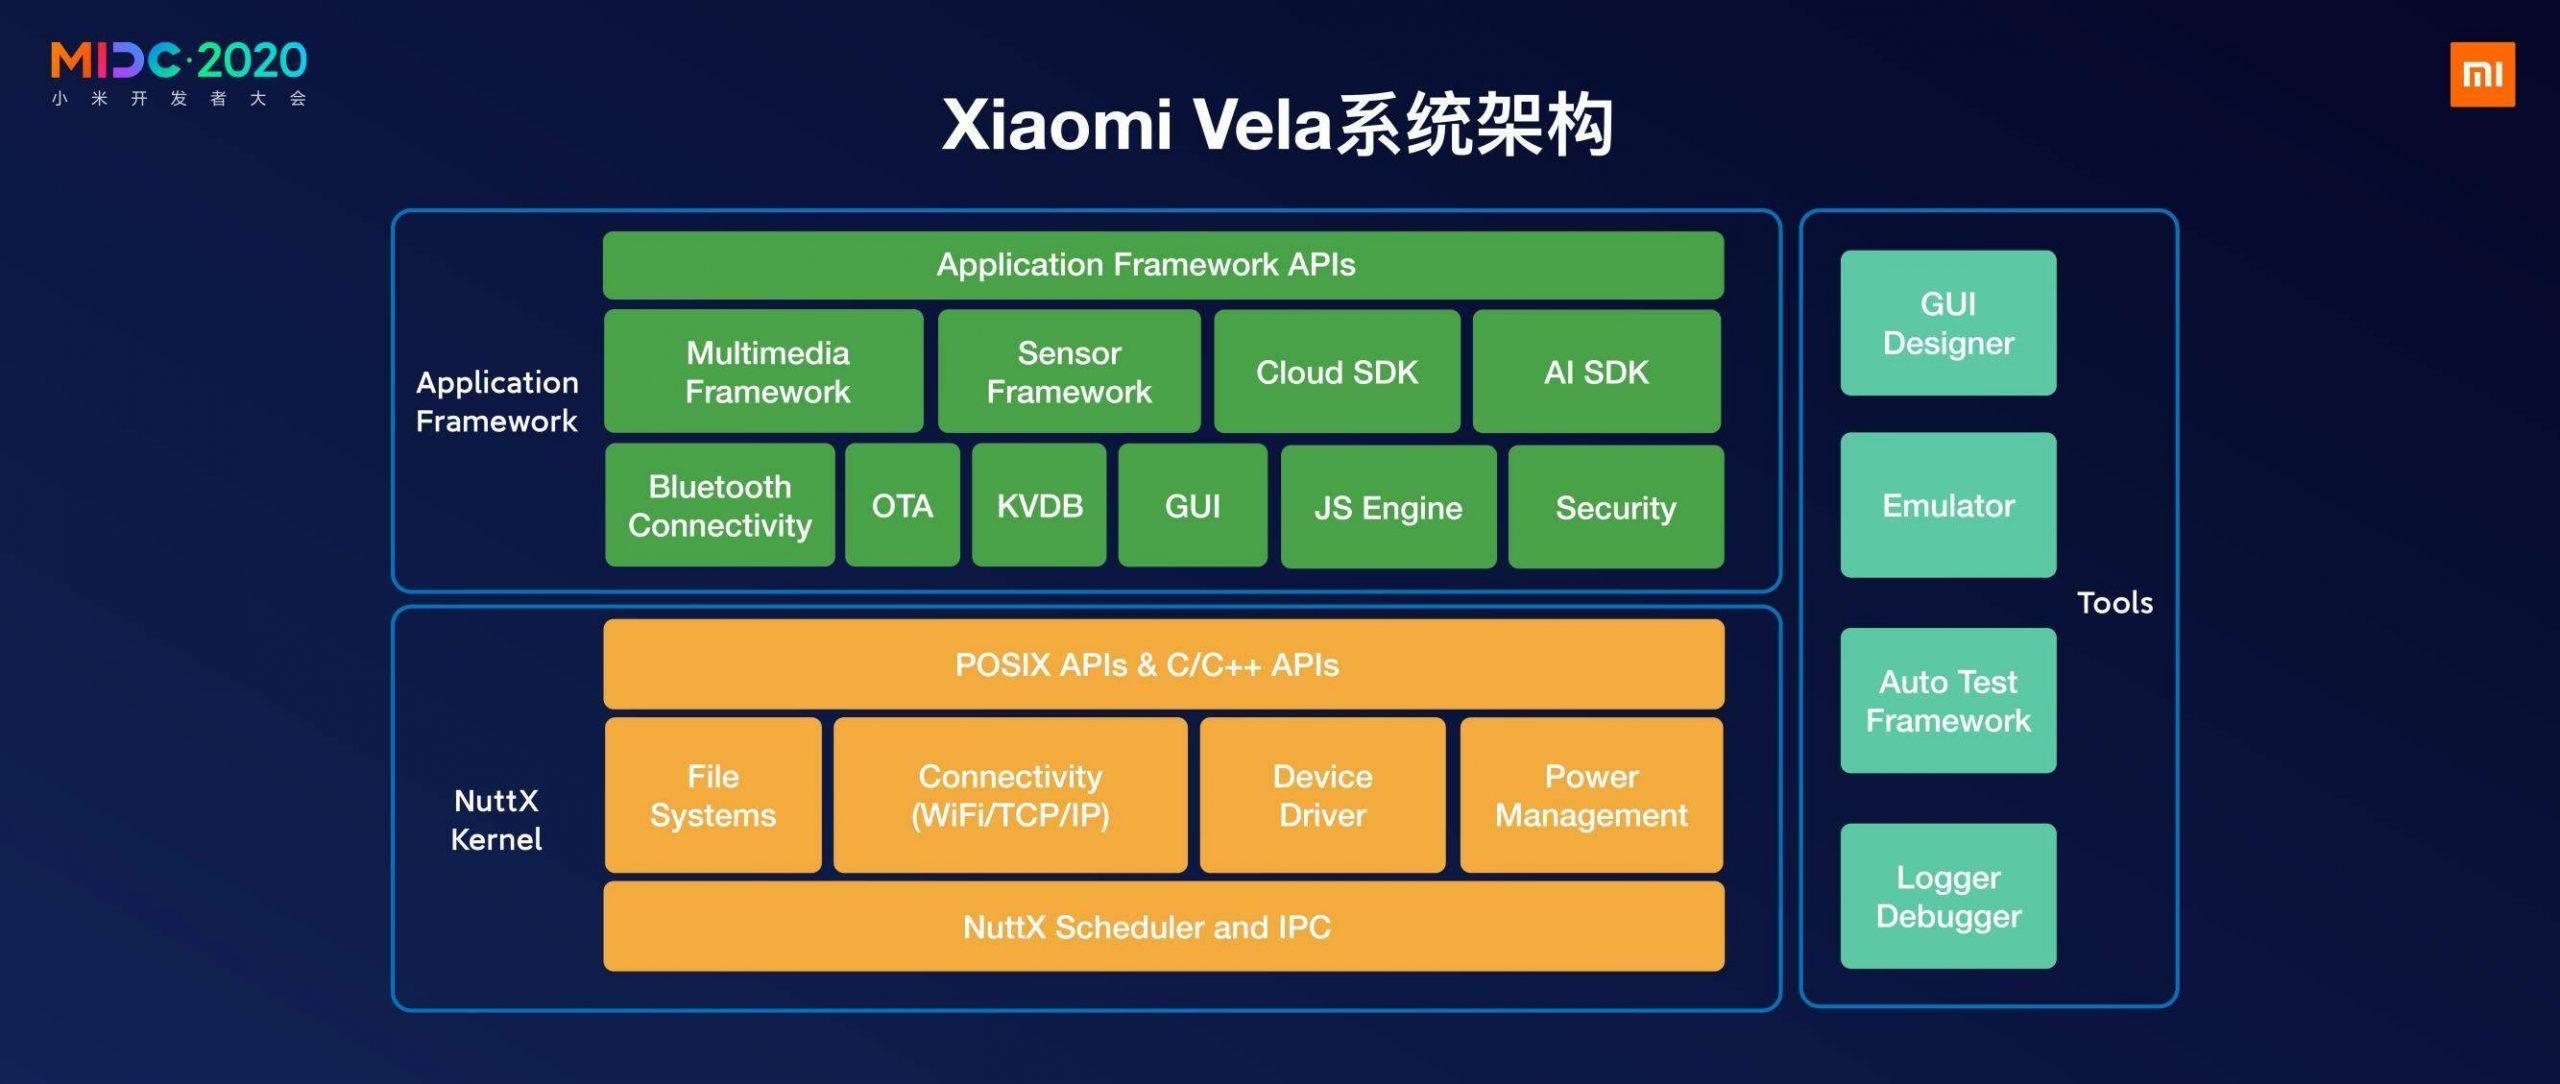 Xiaomi Vela, una nueva plataforma de software IoT basada en NuttX OS. Noticias Xiaomi Adictos